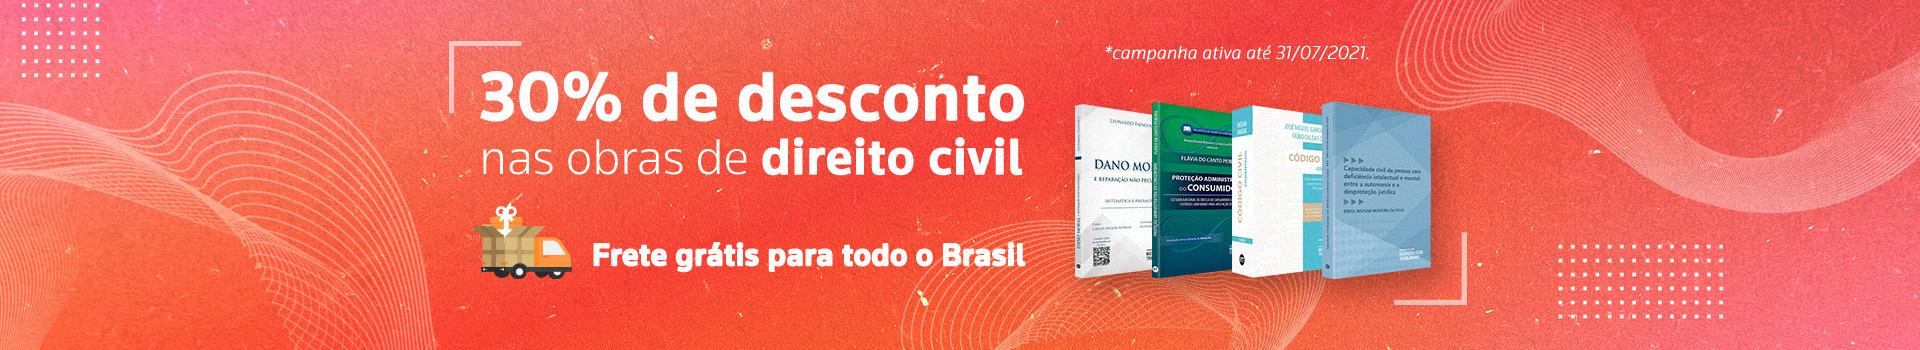 Campanha processo civil e direito civil